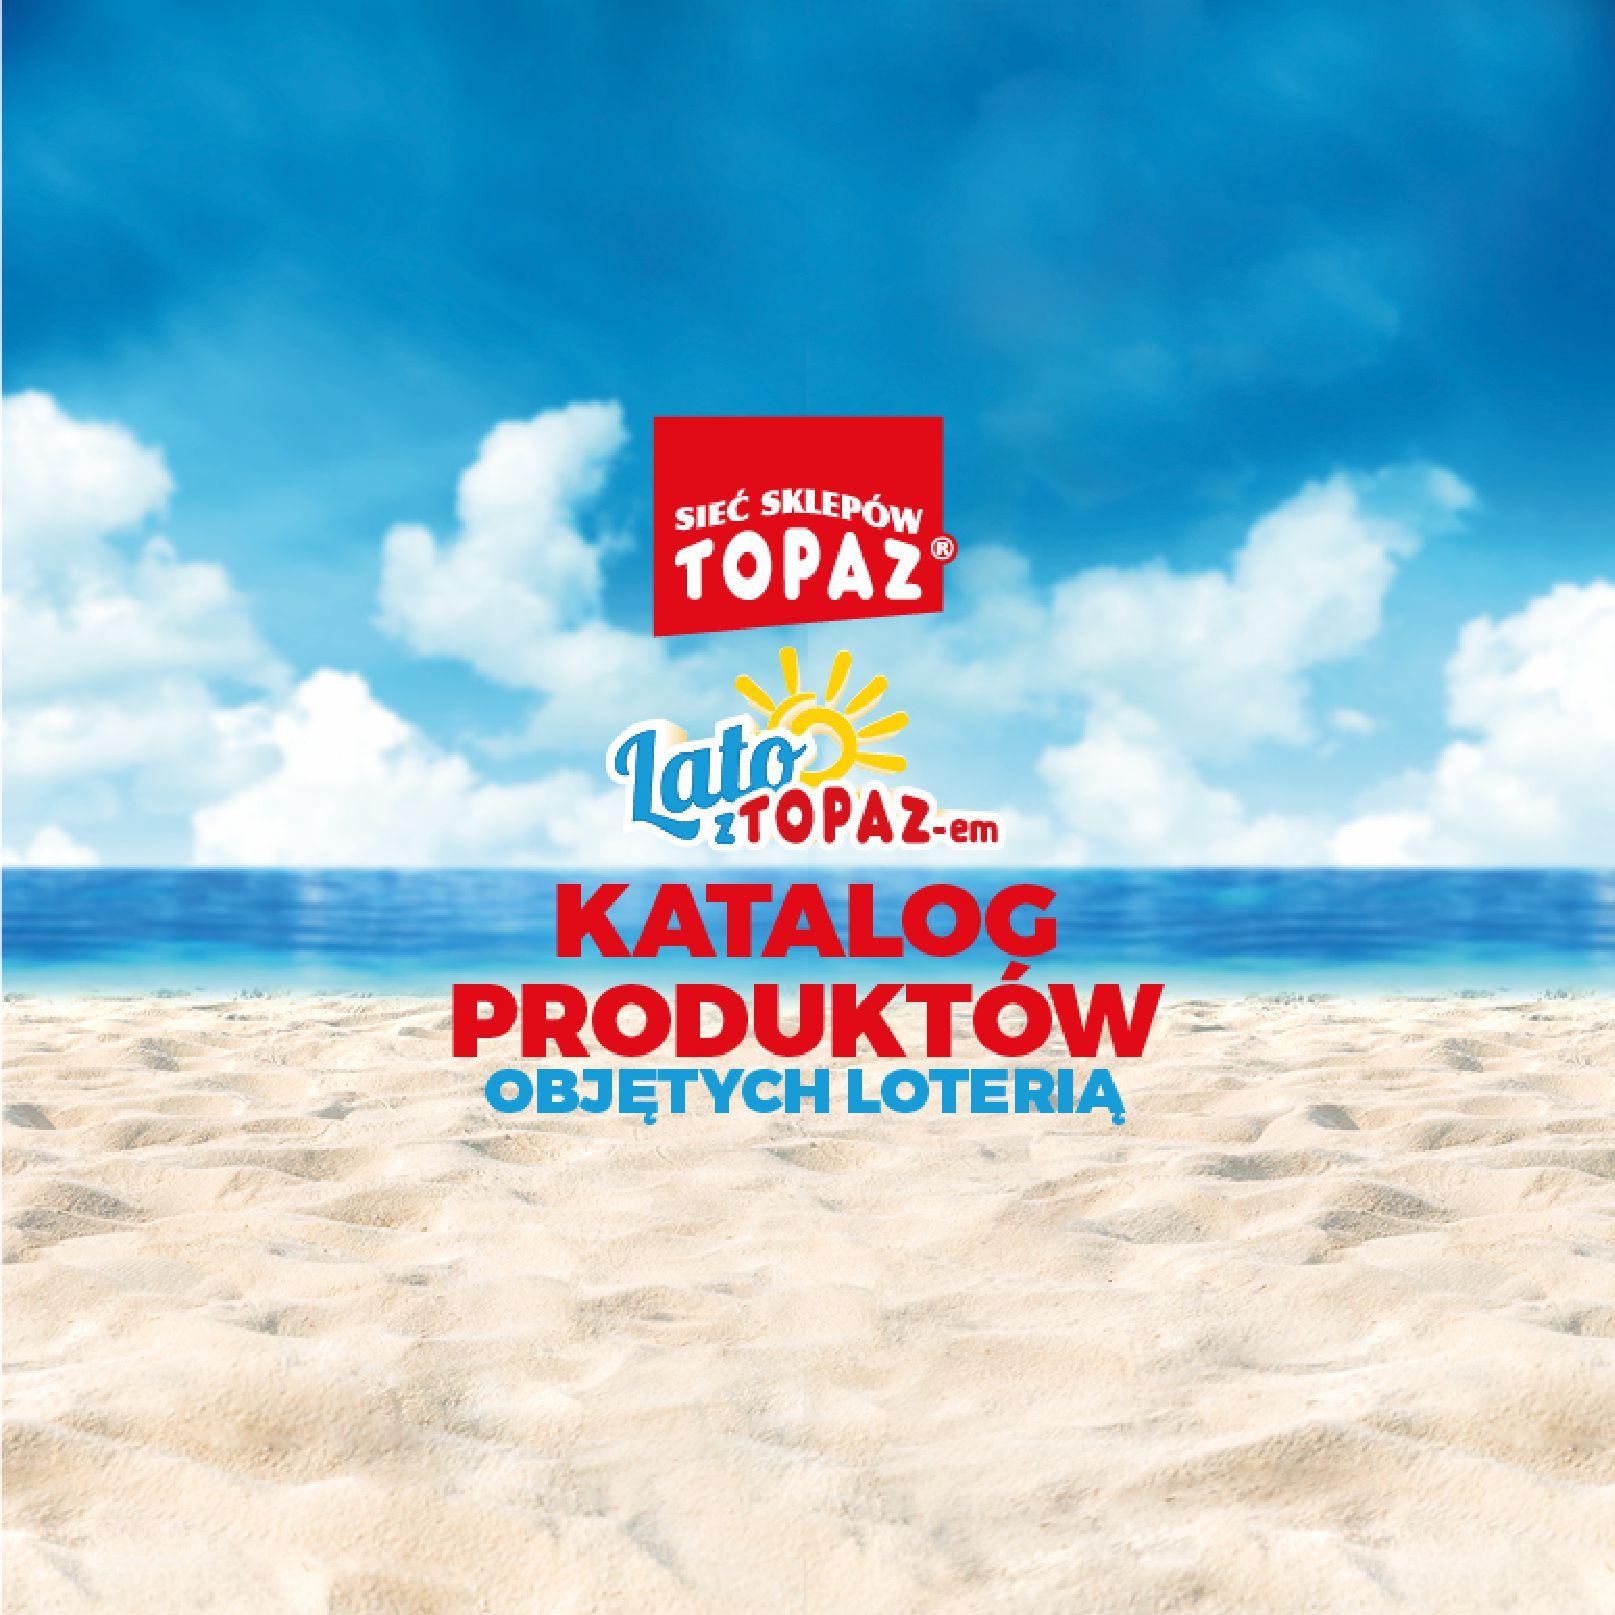 Gazetka TOPAZ: Gazetka TOPAZ - Loteria 2021-07-05 page-52